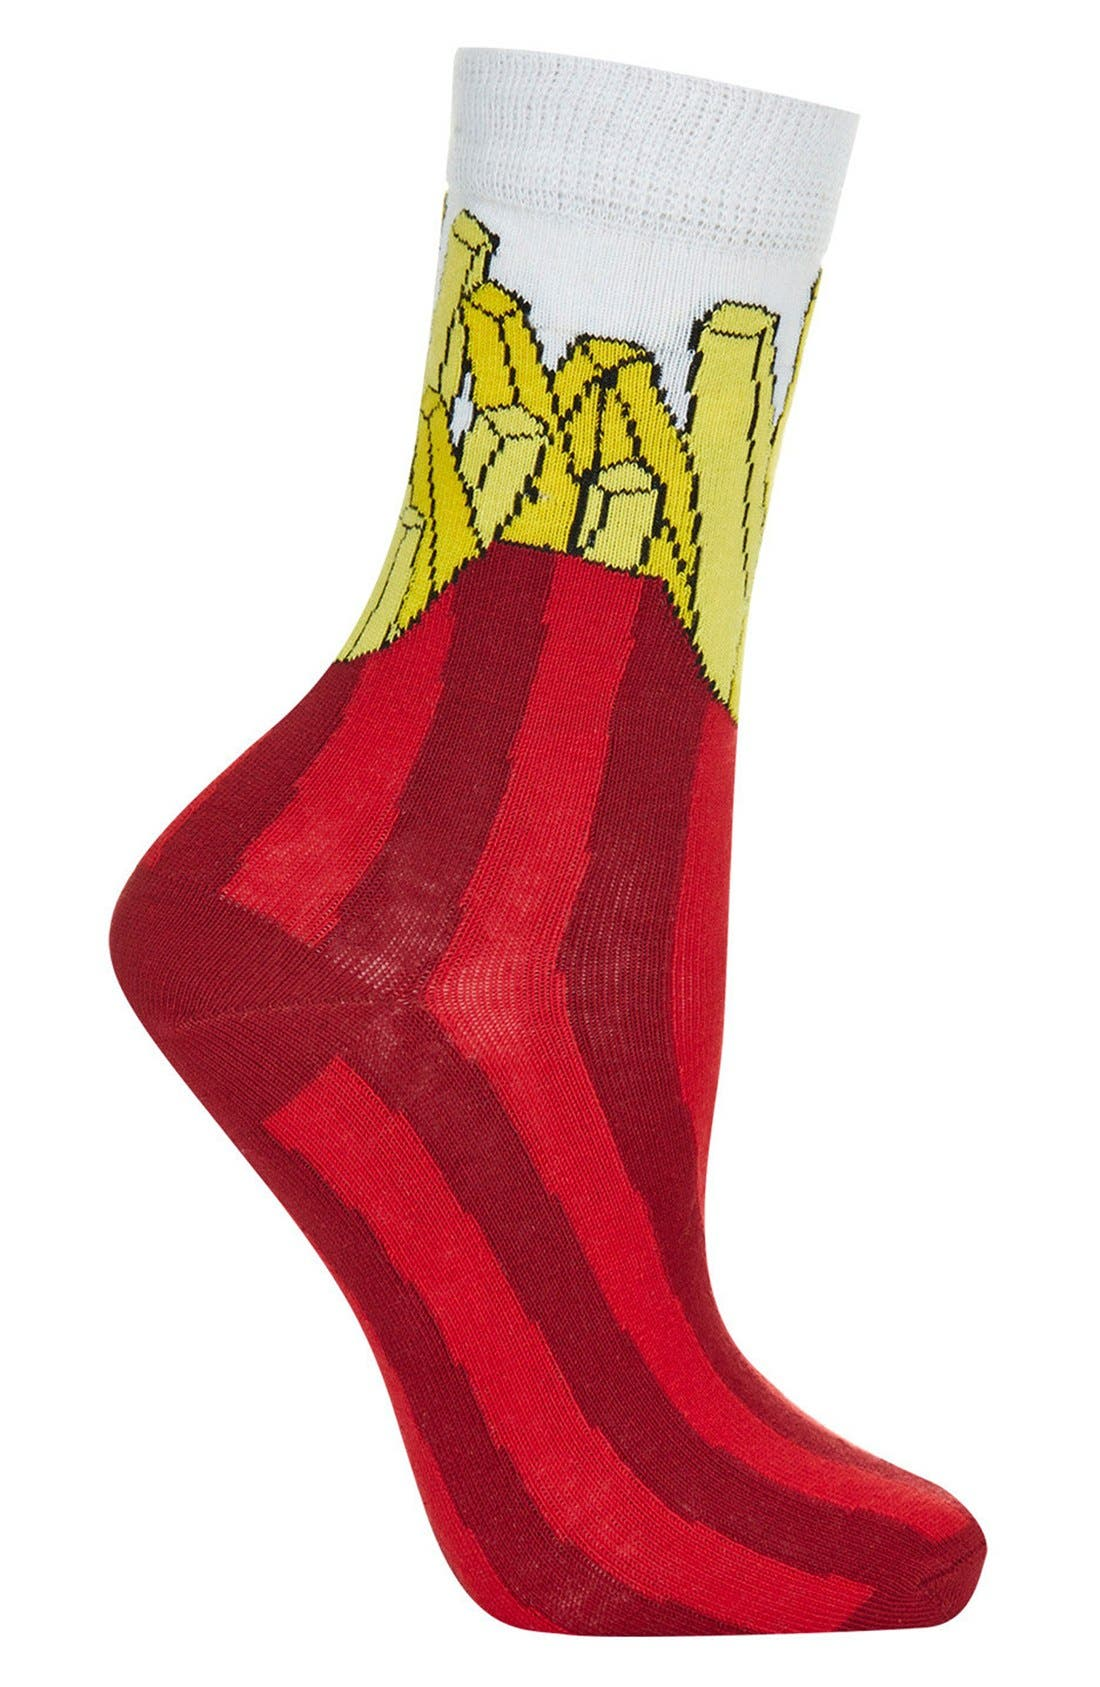 Main Image - Topshop Fries Crew Socks